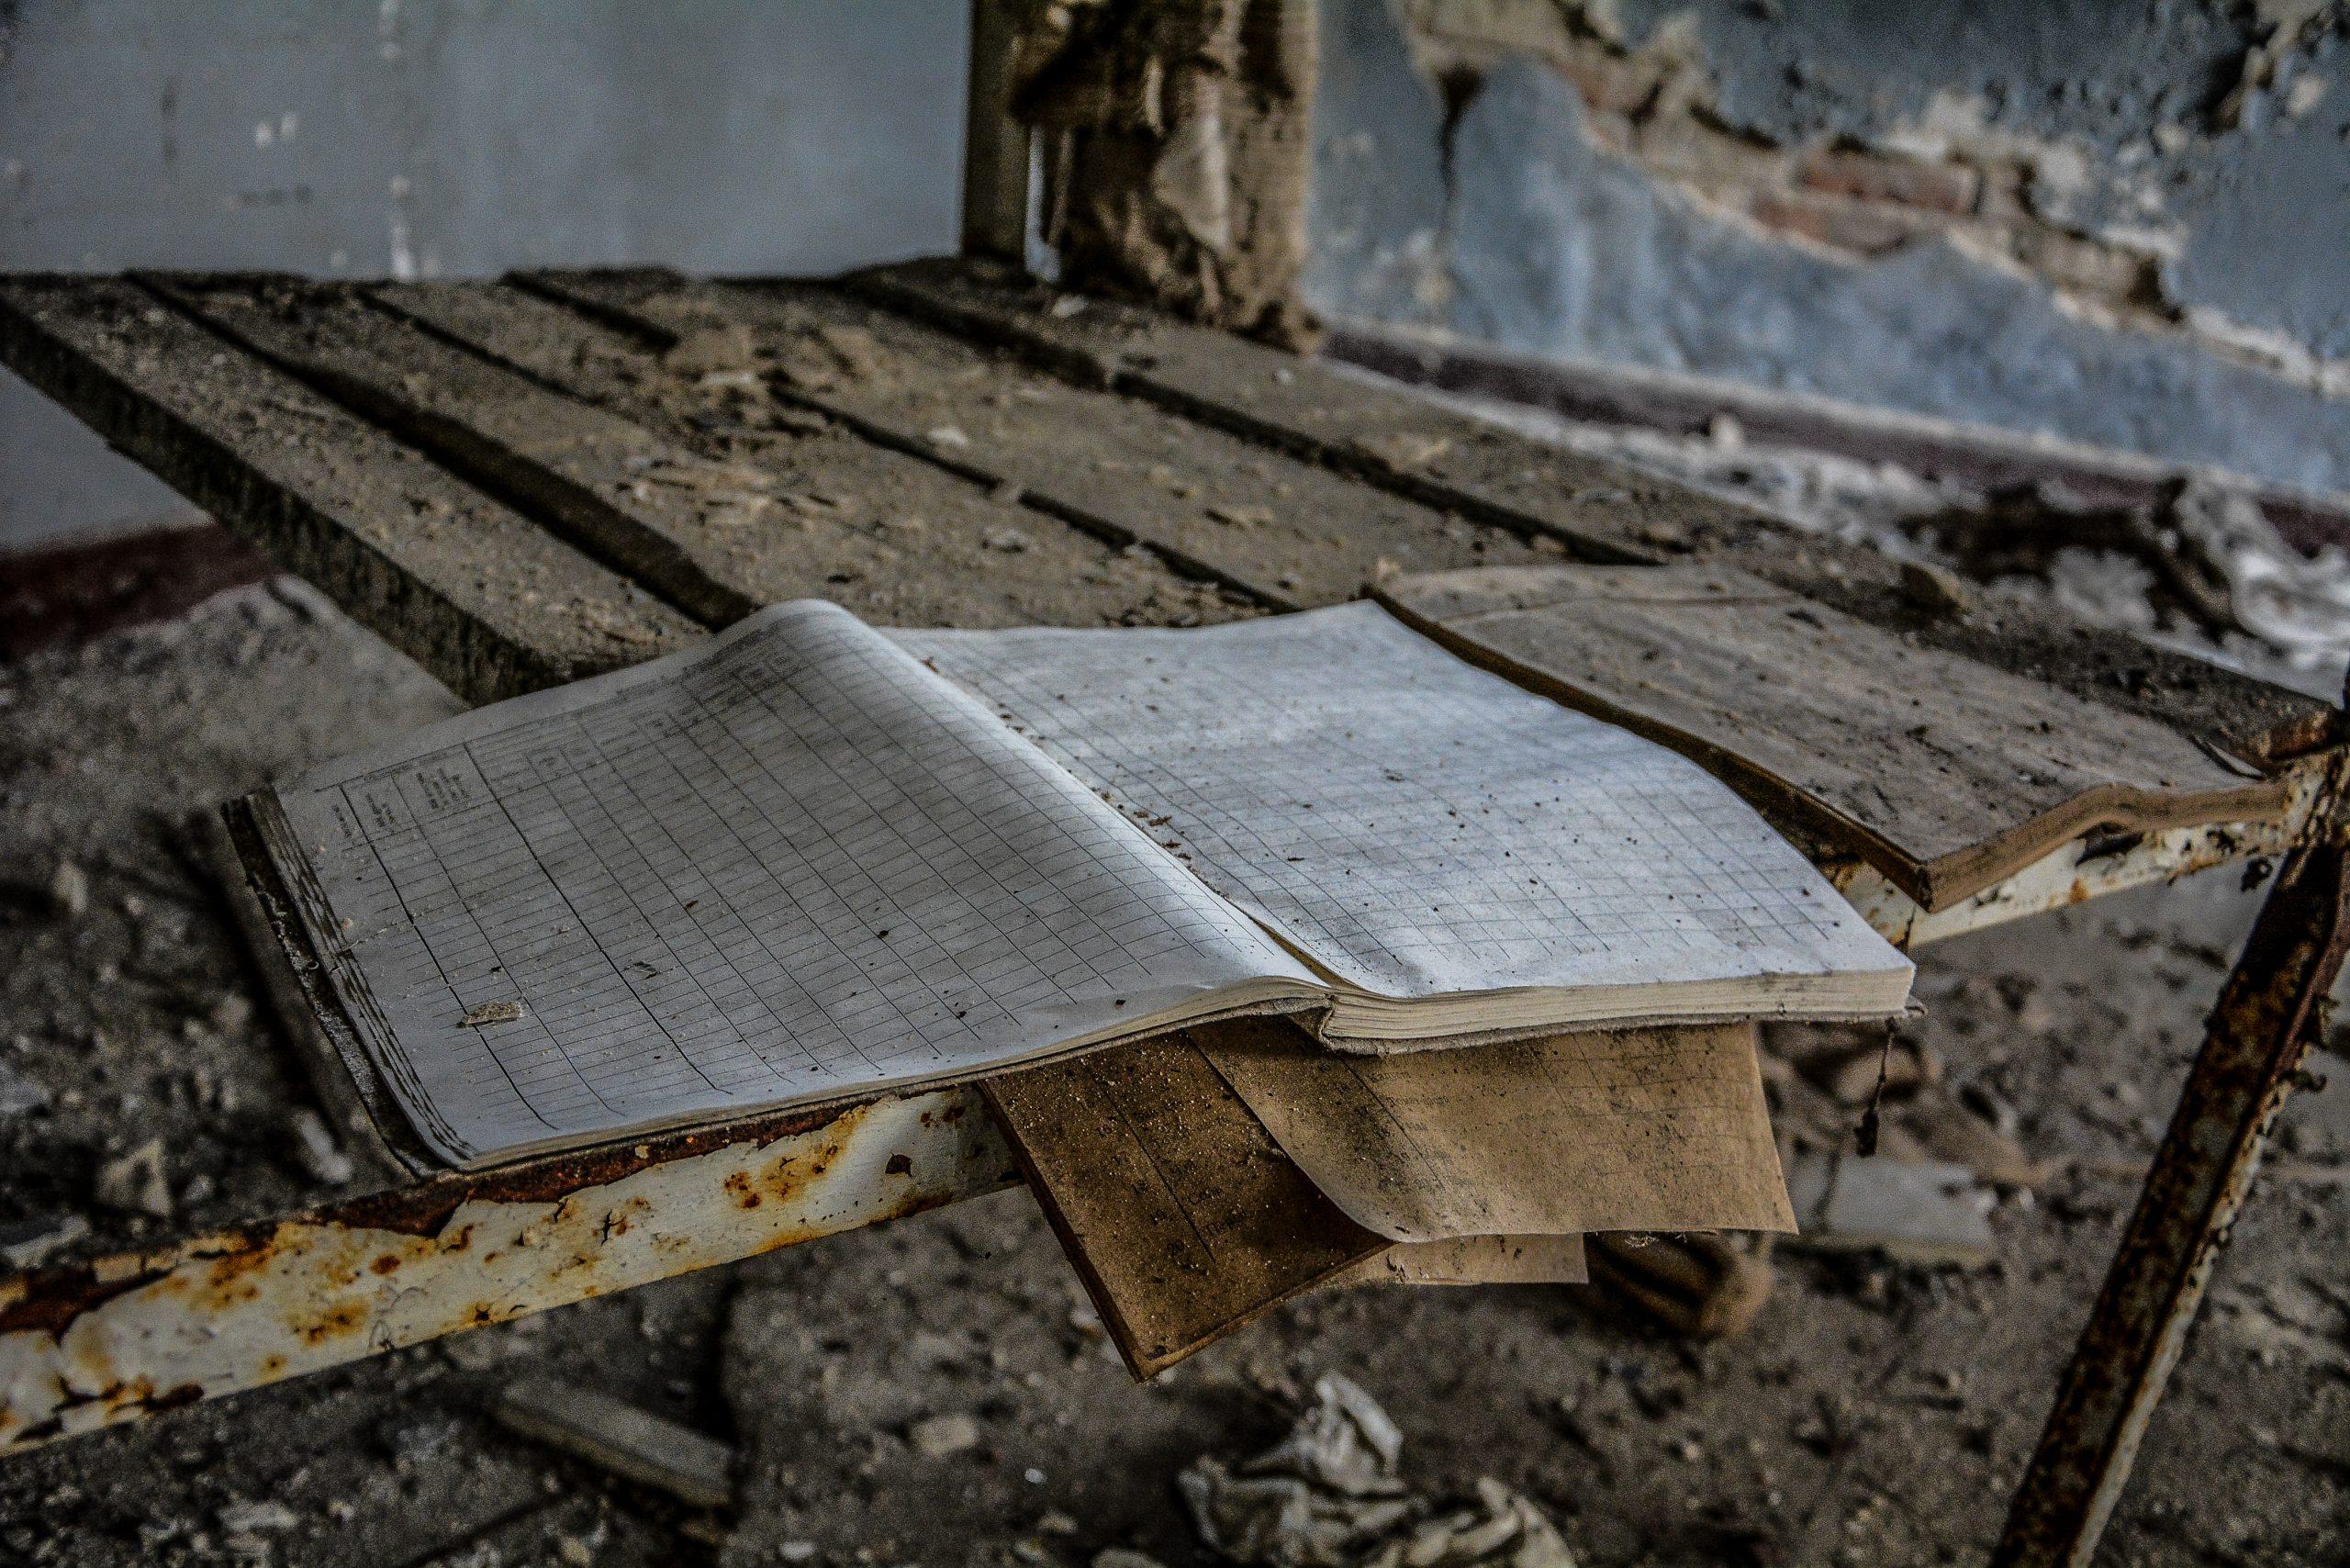 soviet record book sowjet notizbuch forst zinna adolf hitler lager luckenwalde juterbog sowjet kaserne soviet military barracks germany lost places urbex abandoned